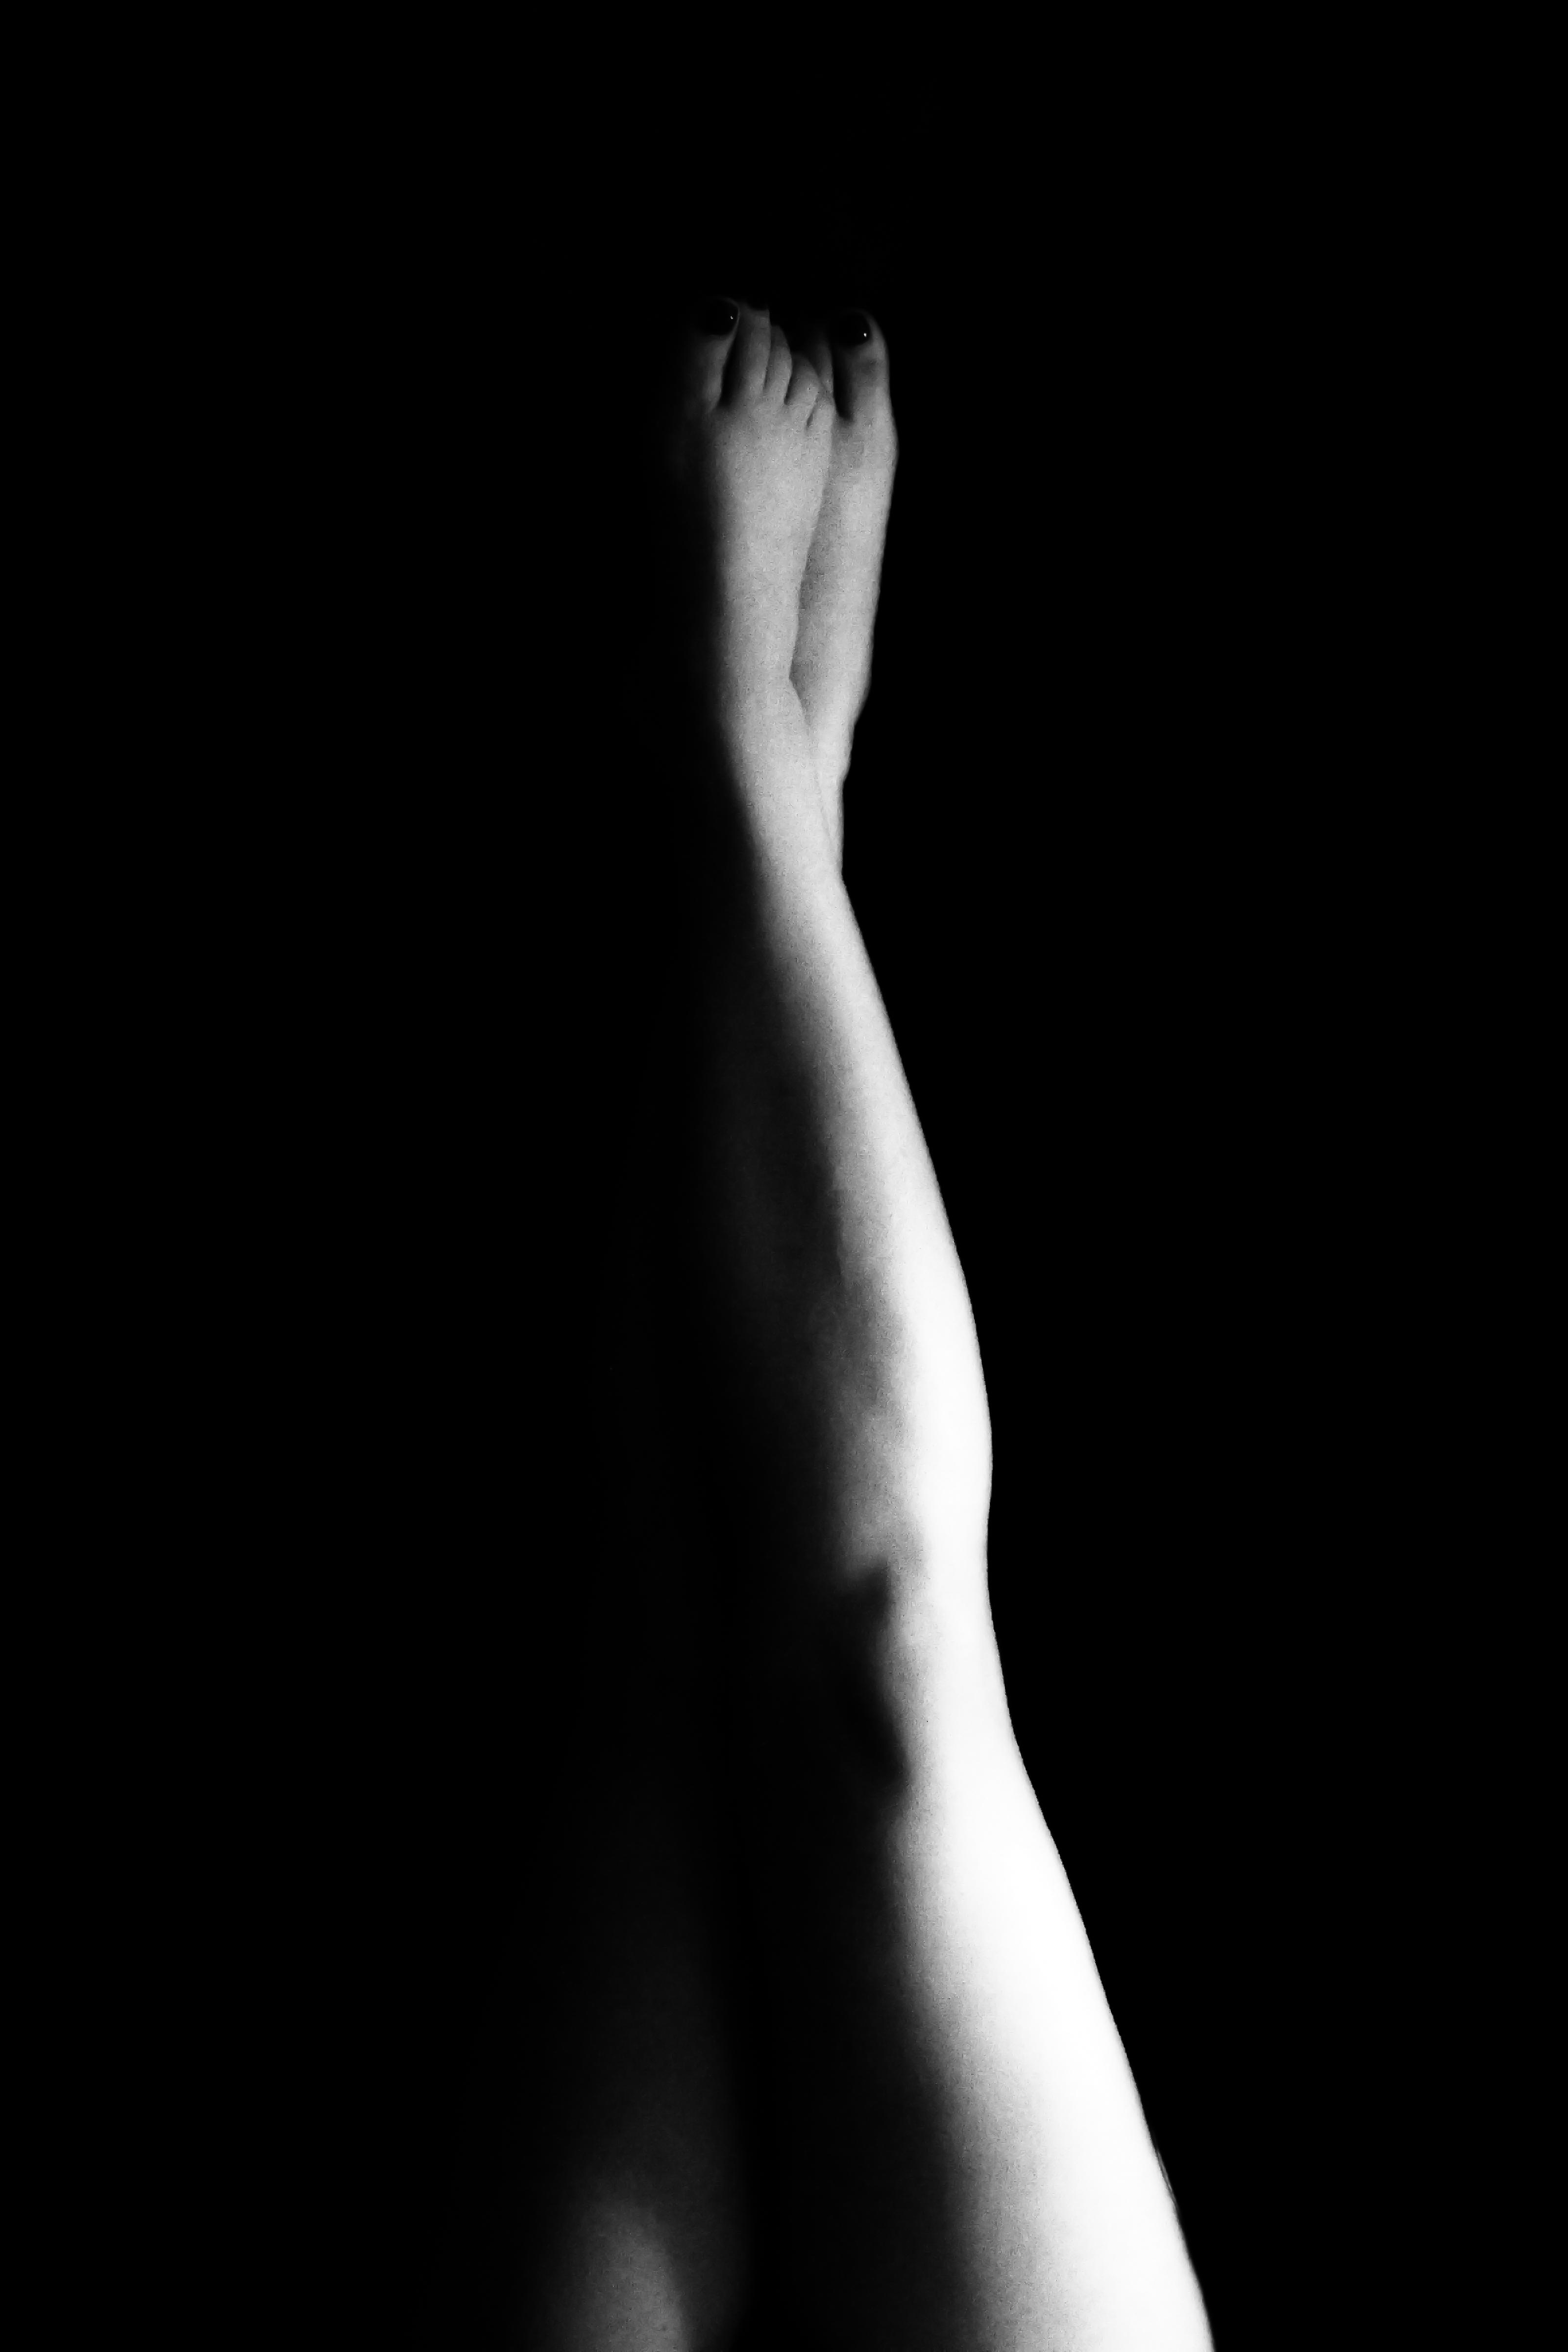 Legs Criss-crossed